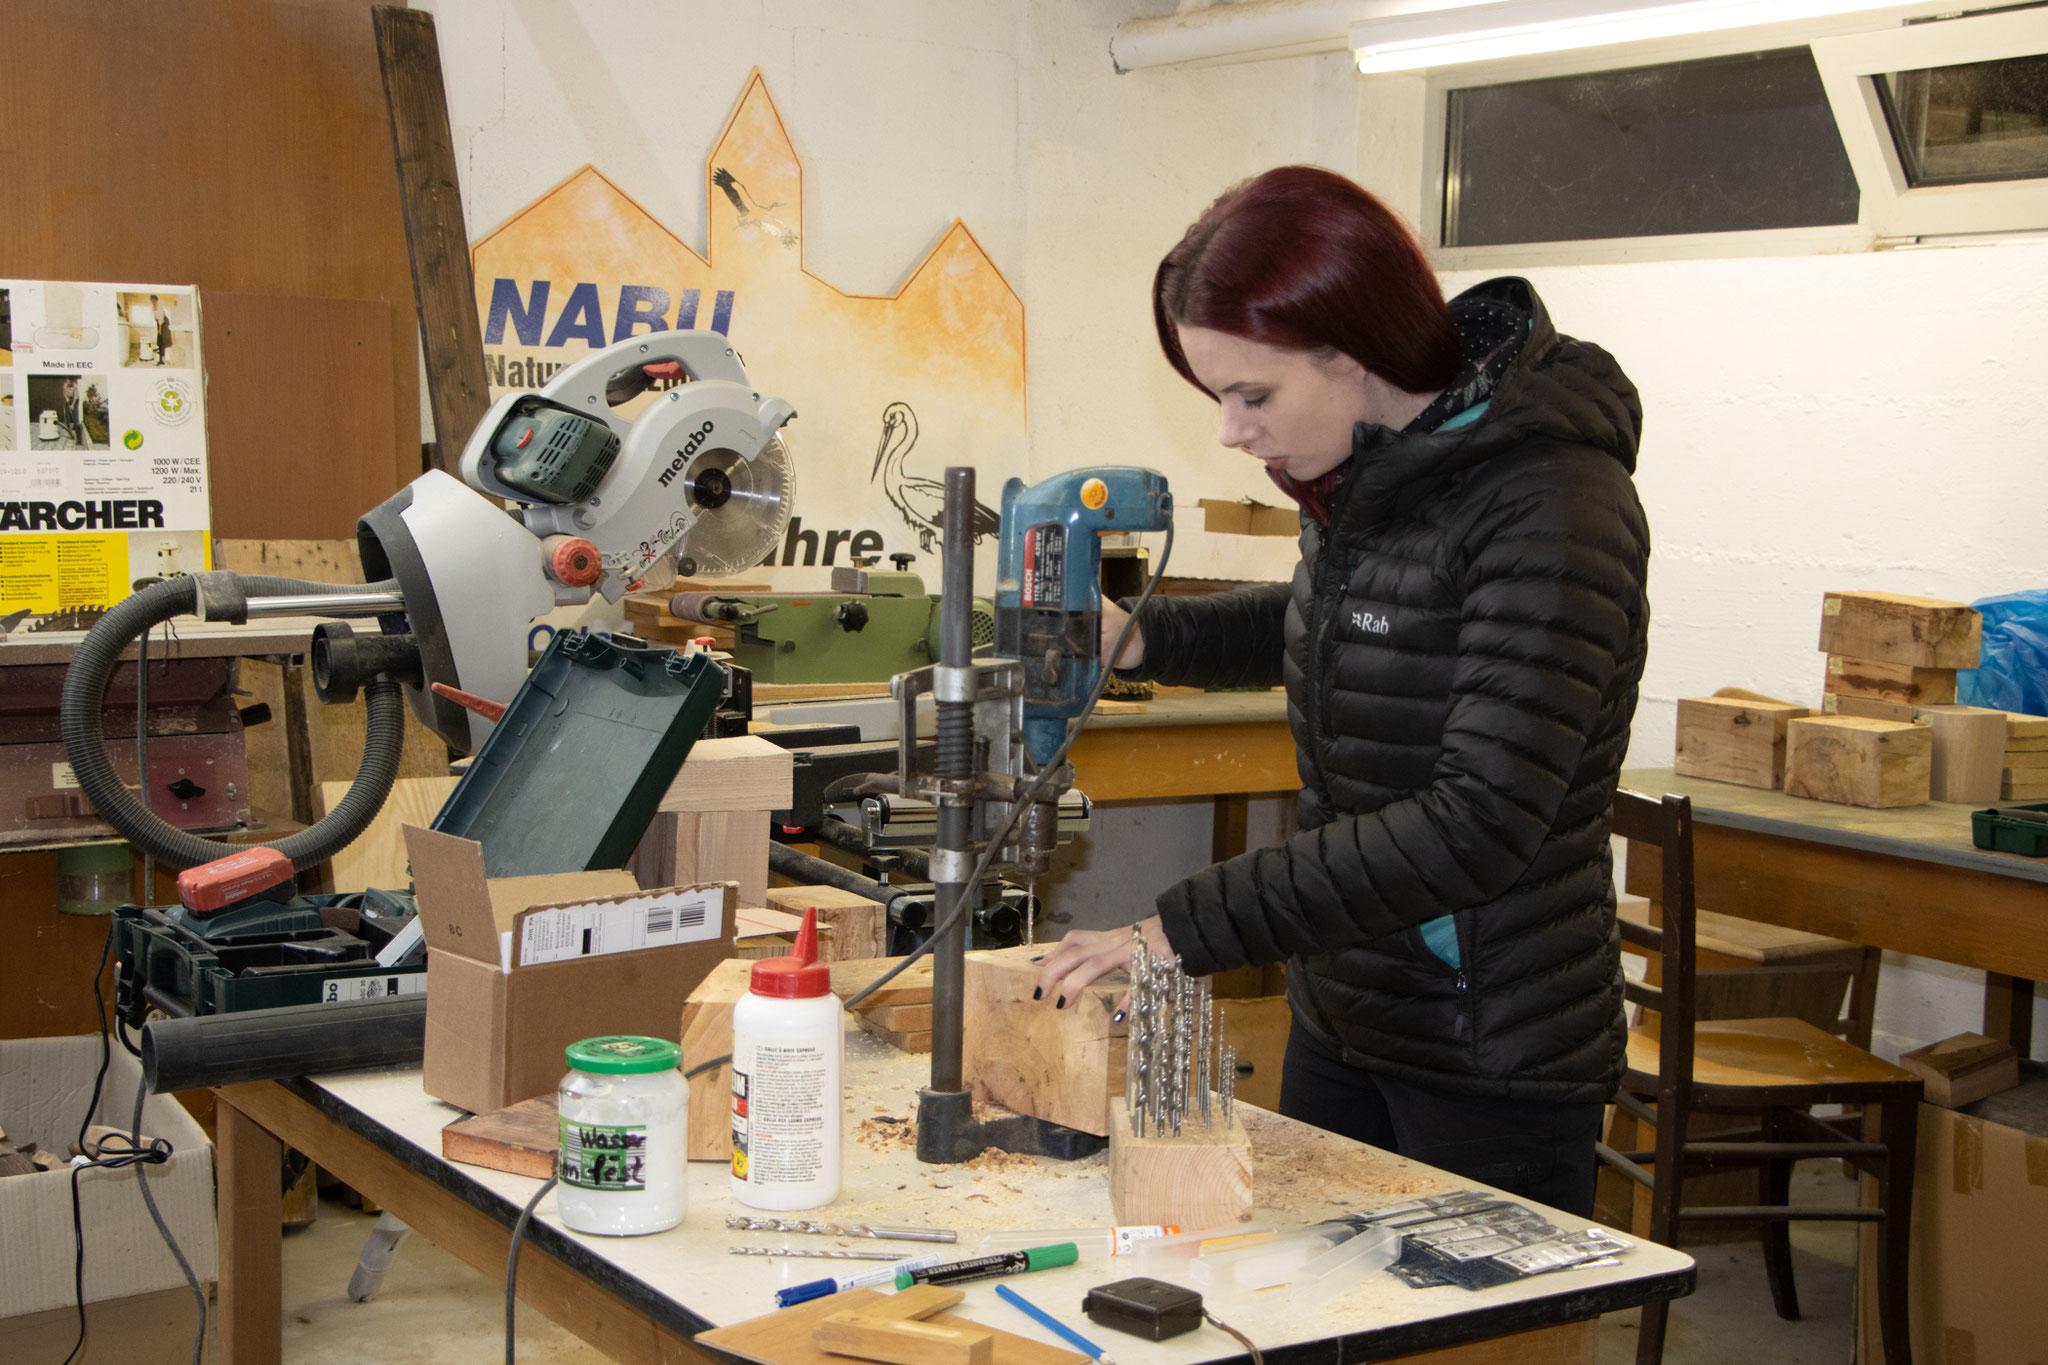 Svenja bohrt Löcher mit der Standbohrmaschine (Foto: B. Budig)